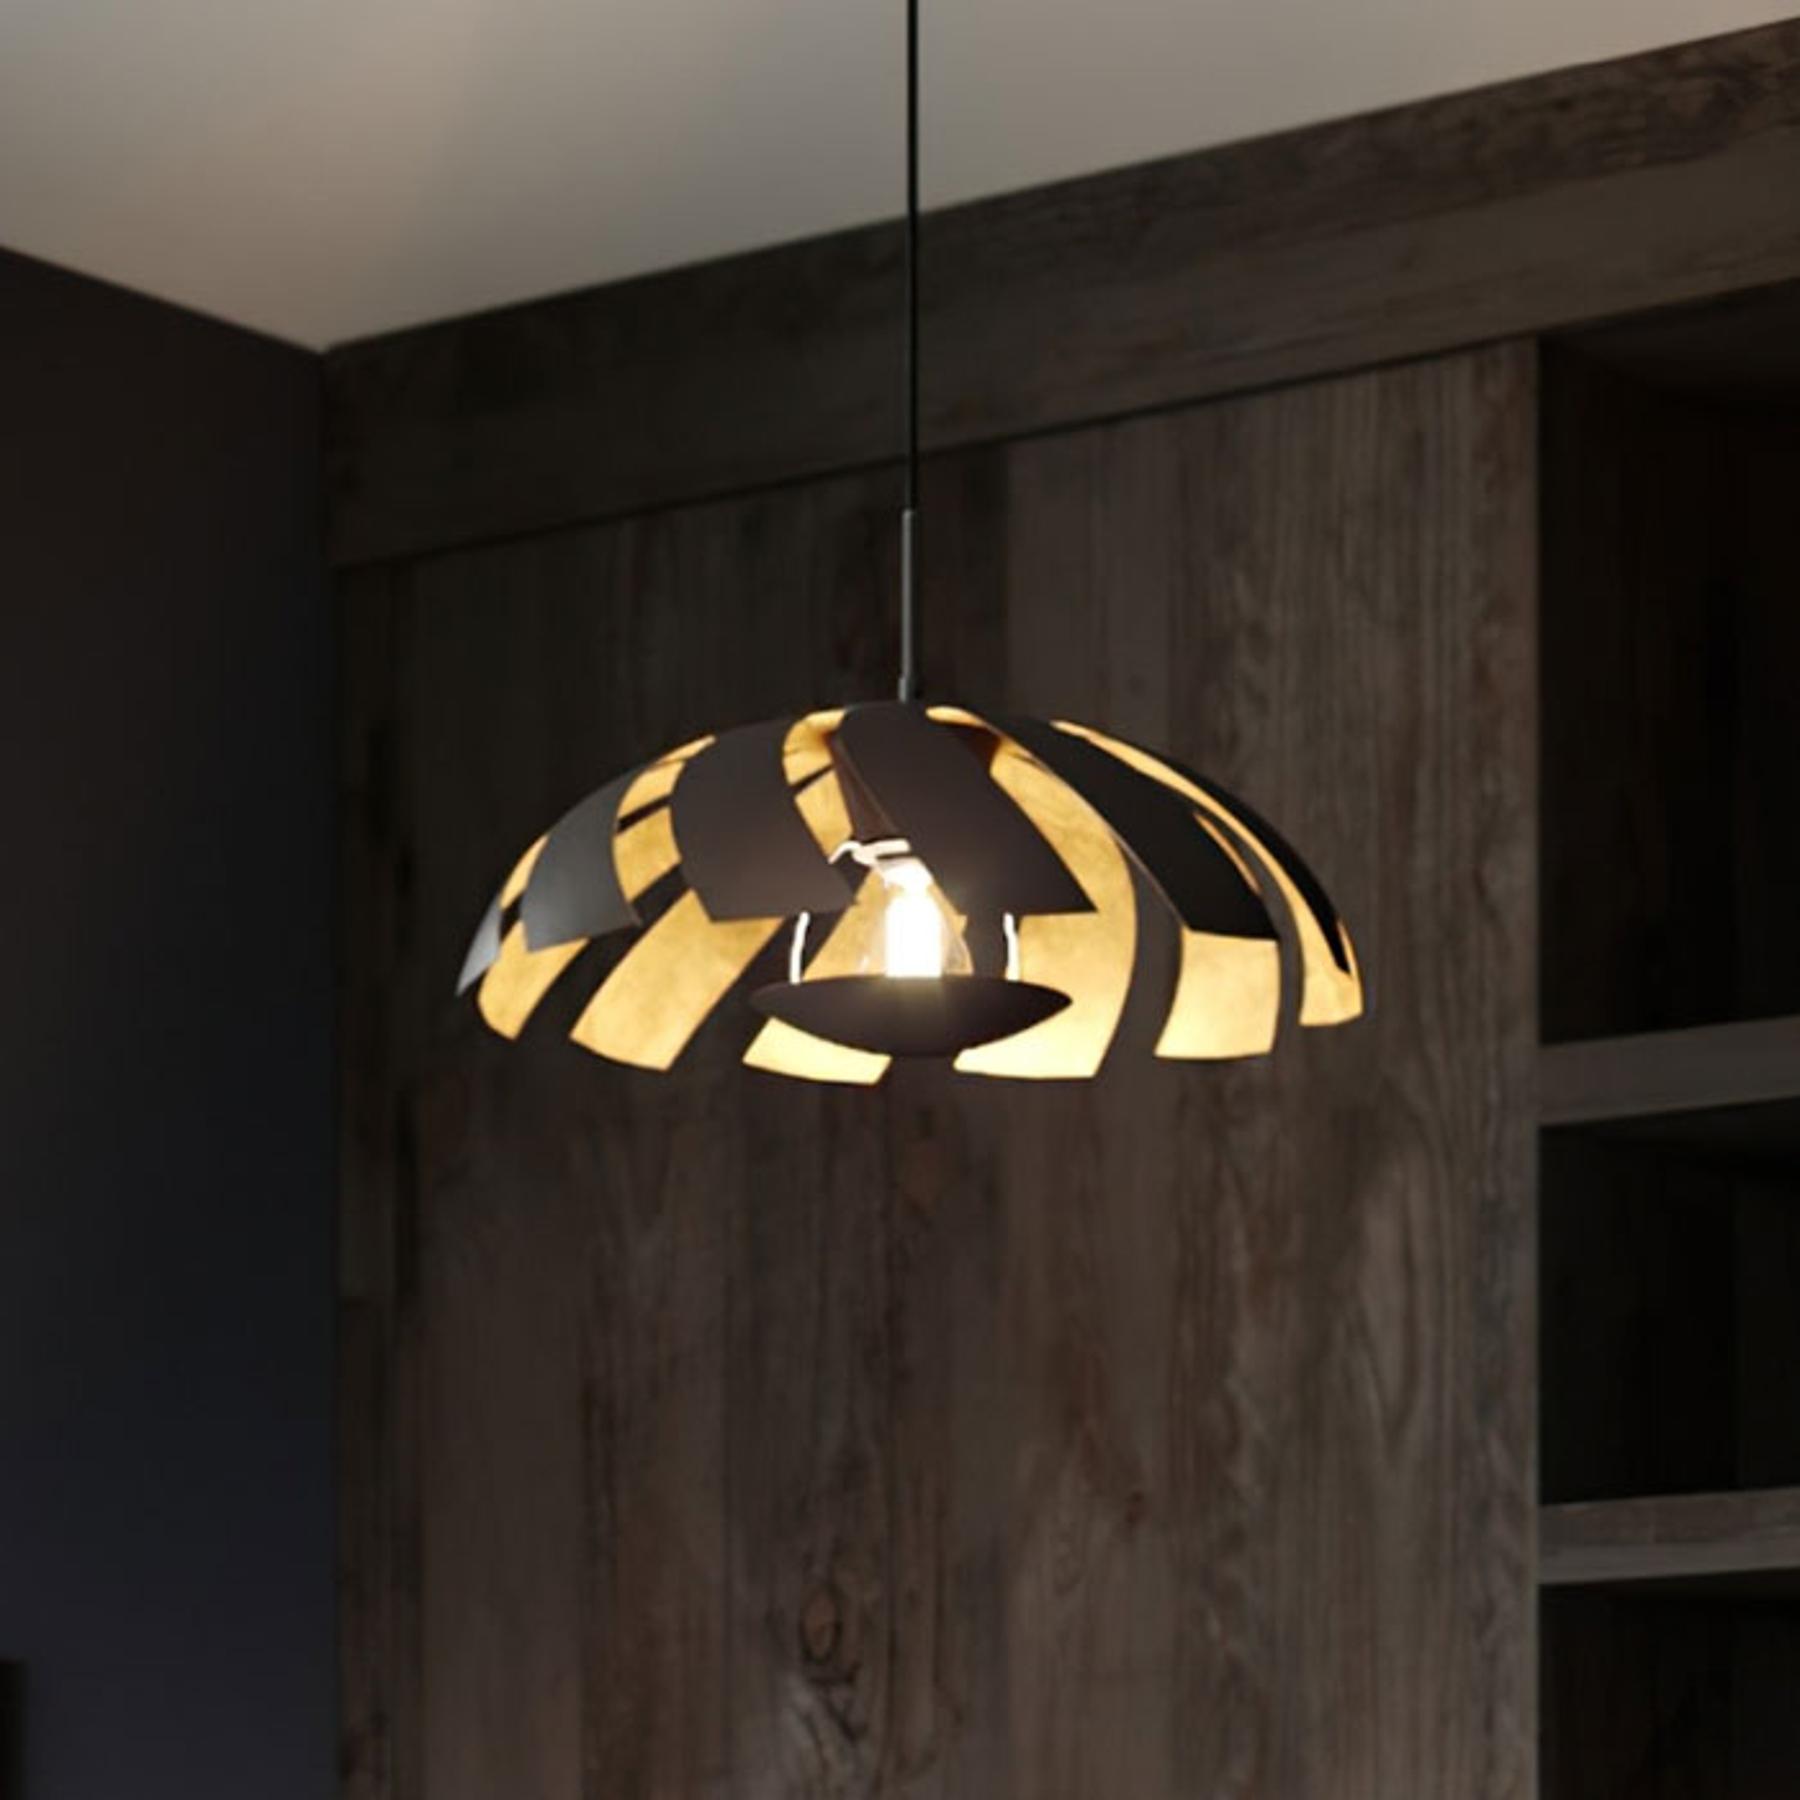 Lucande Archilleas hanglamp, zwart-goud